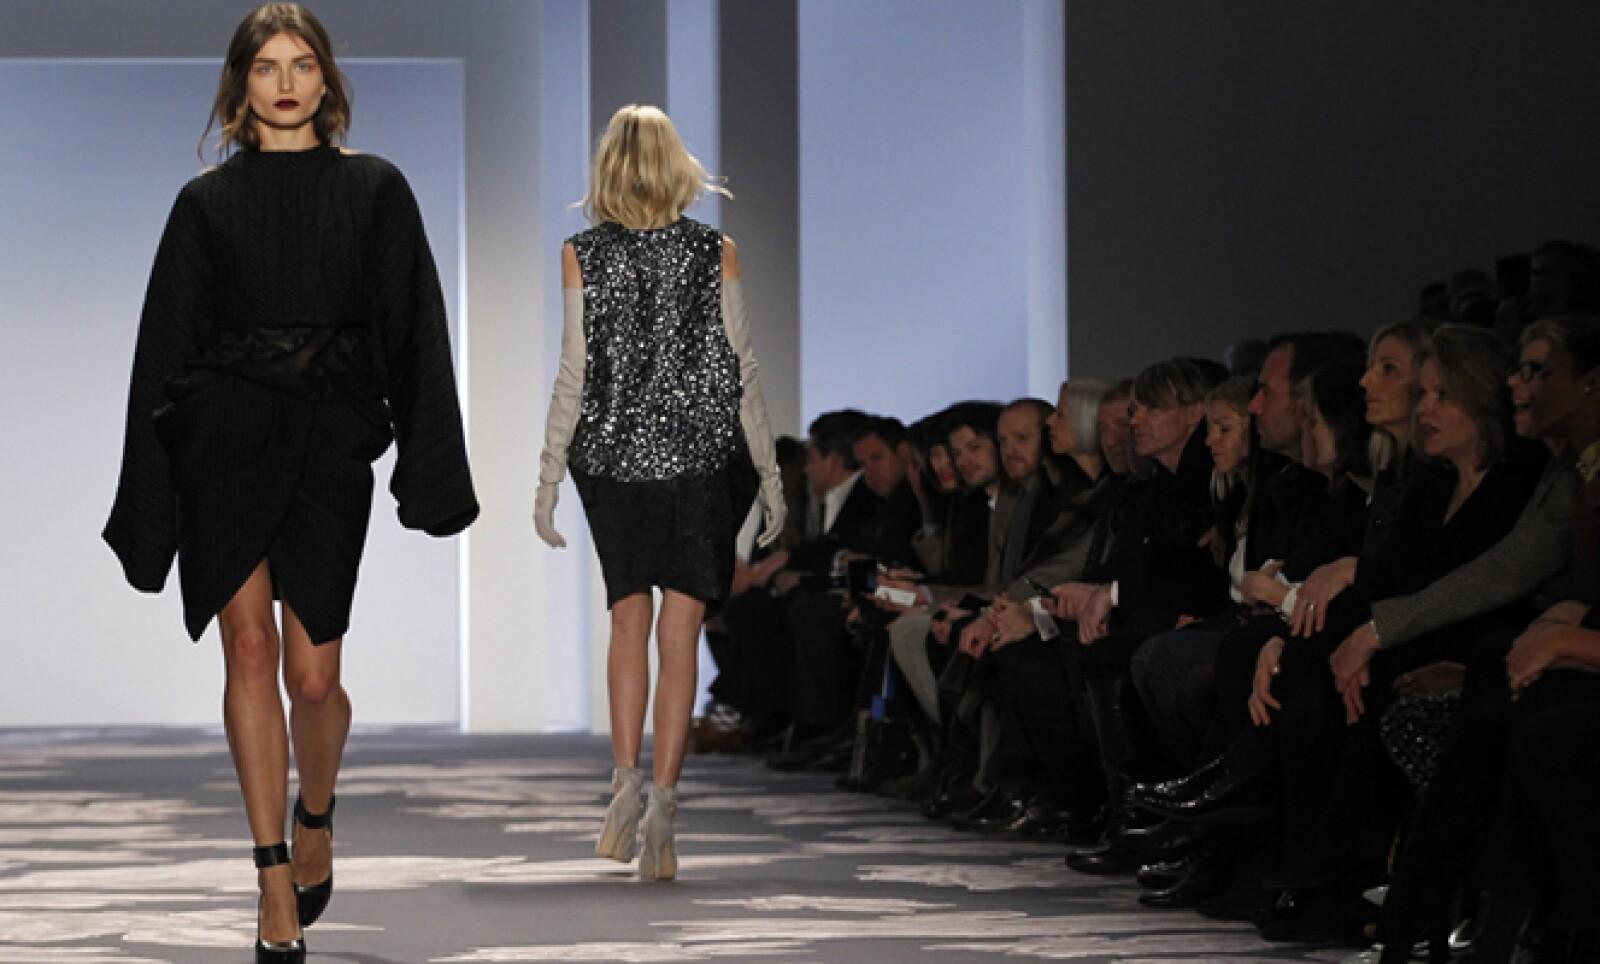 La famosa diseñadora Vera Wang también presentó su colección en la Fashion Week.